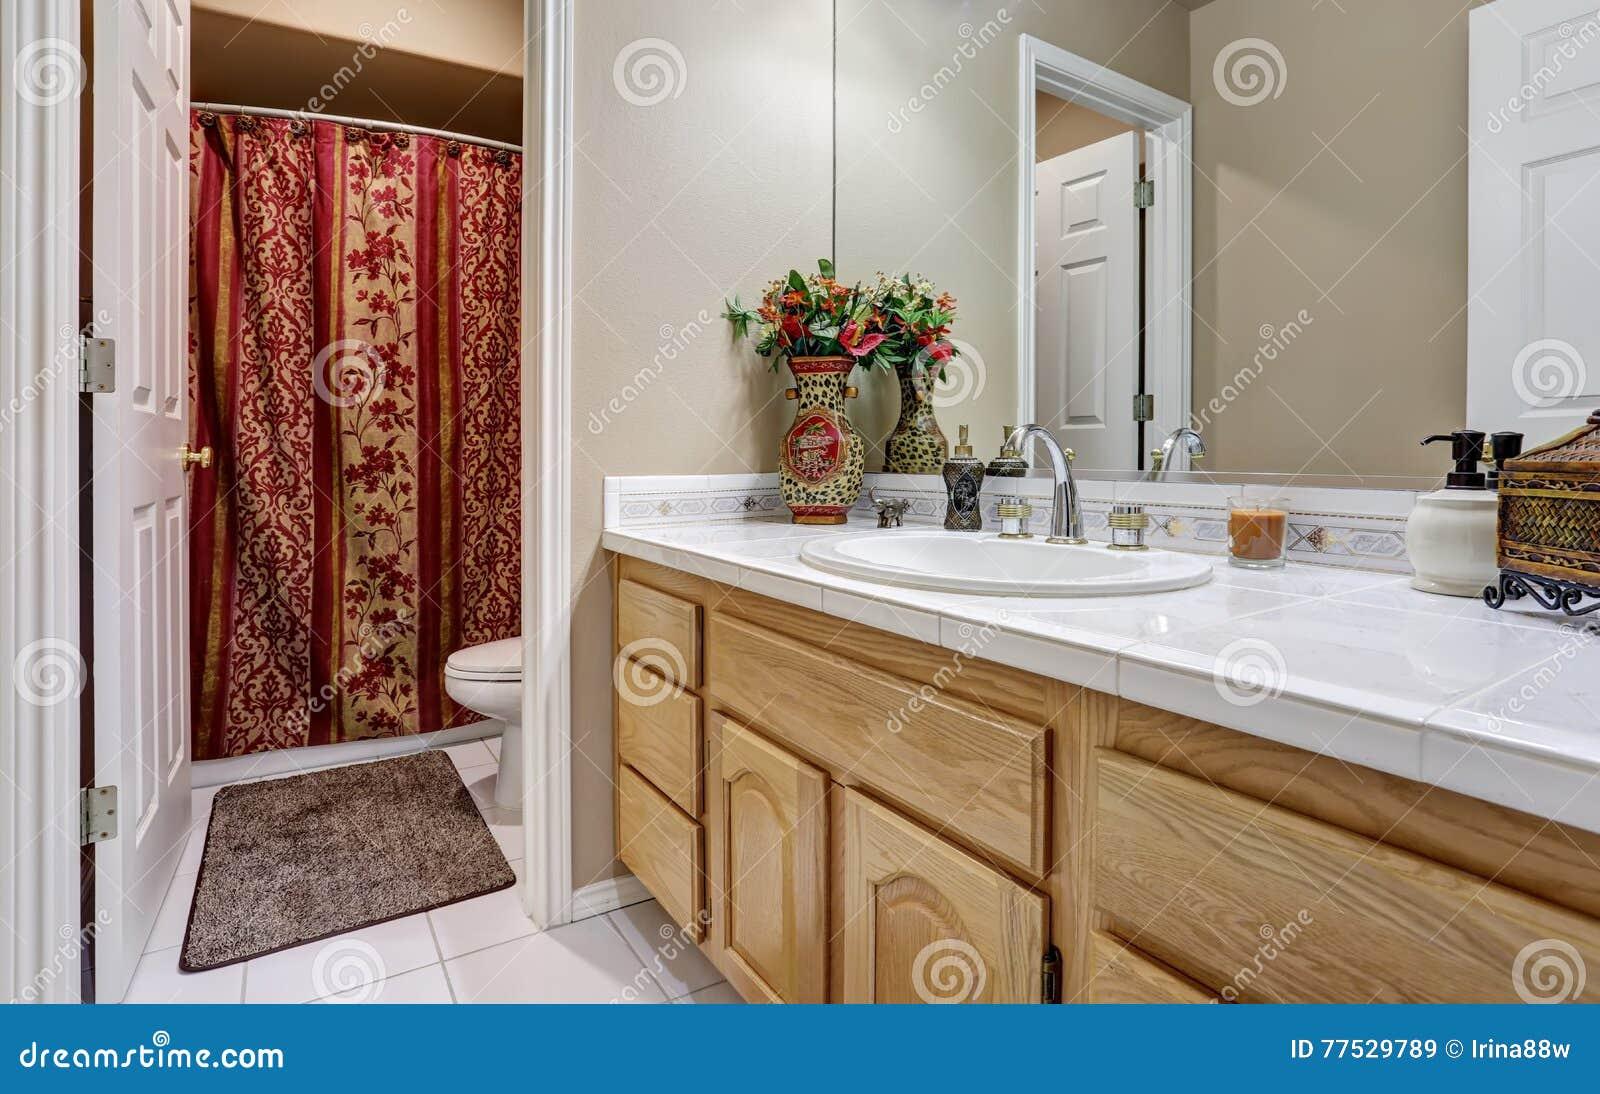 Chambre Parentale Avec Salle De Bain Et Dressing Plan ~ Coffret Moderne De Vanit De Salle De Bains Avec Le Grand Miroir